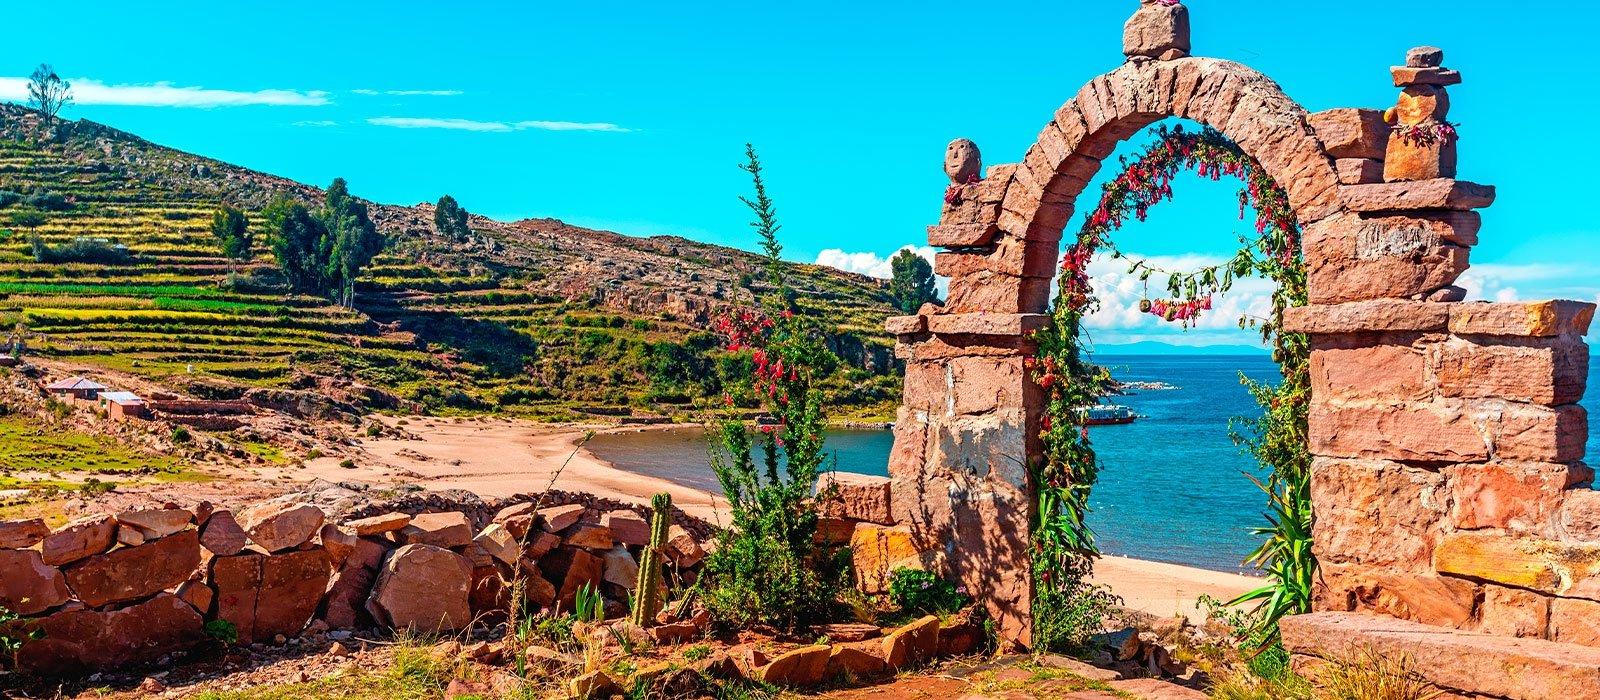 Titicaca Islands: Uros, Taquile & Luquina